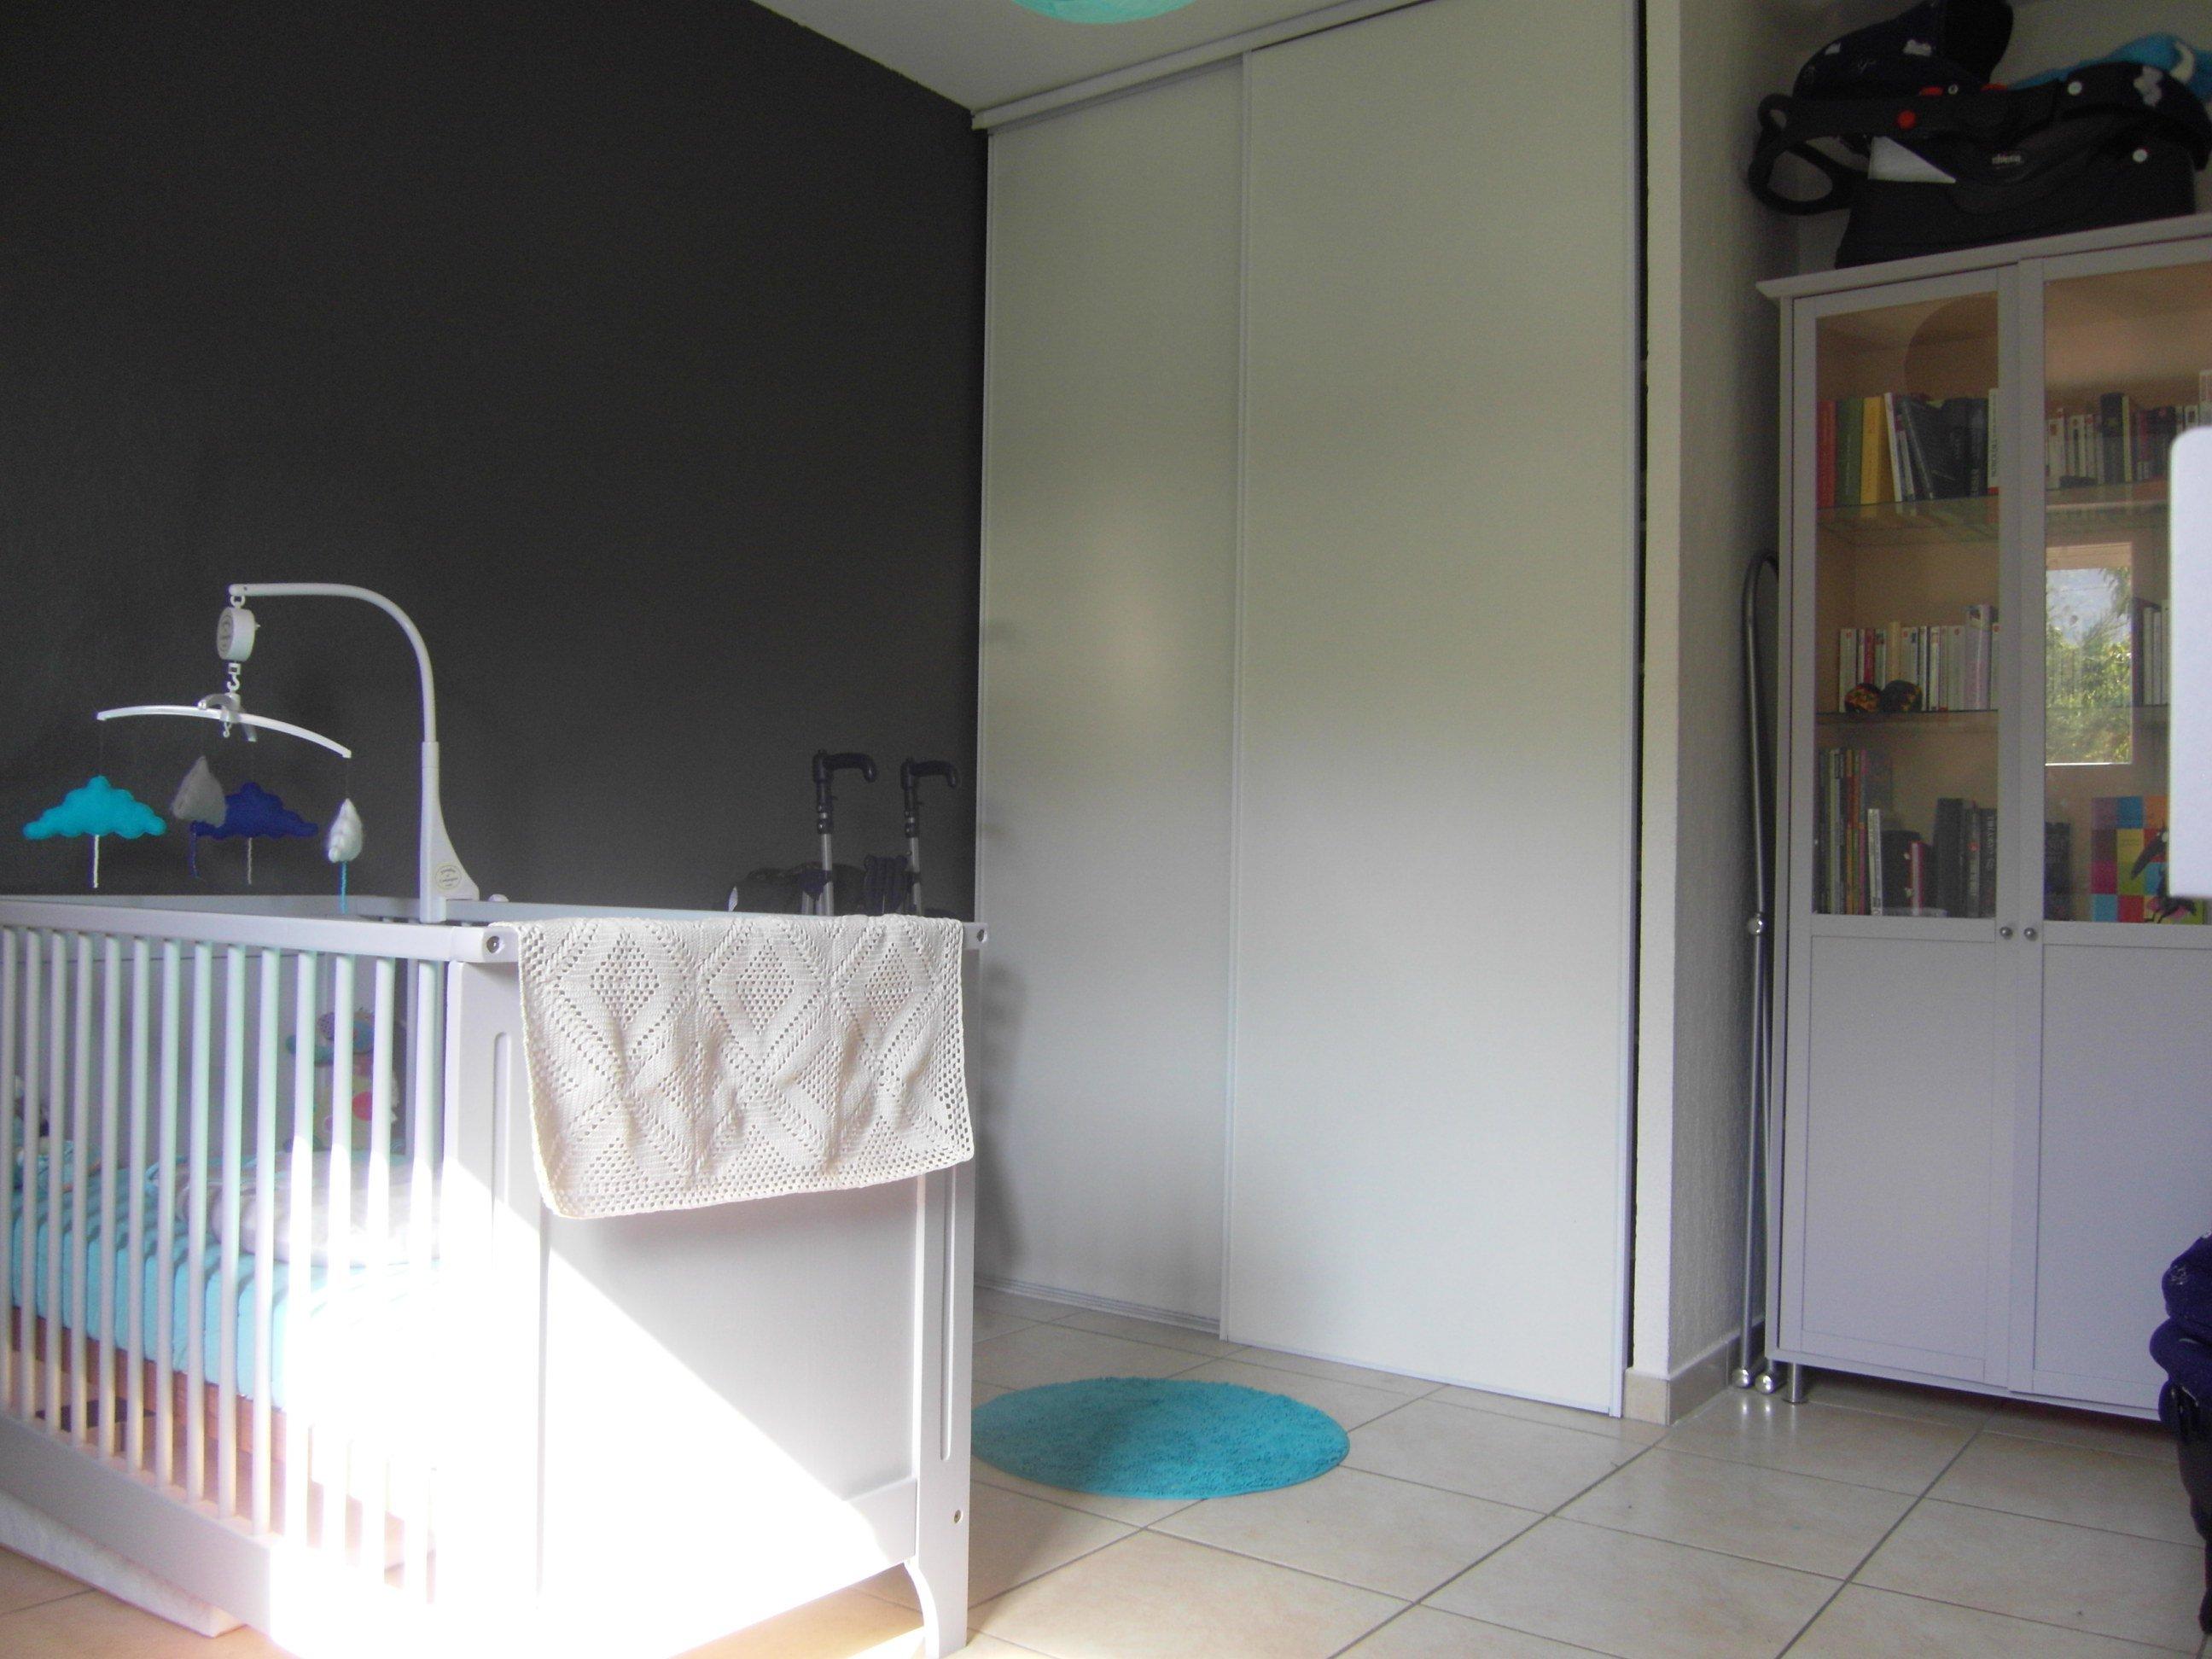 Sdc18155 chambre bebe zaz007 photos club doctissimo - Chambre bebe garcon gris bleu 2 ...